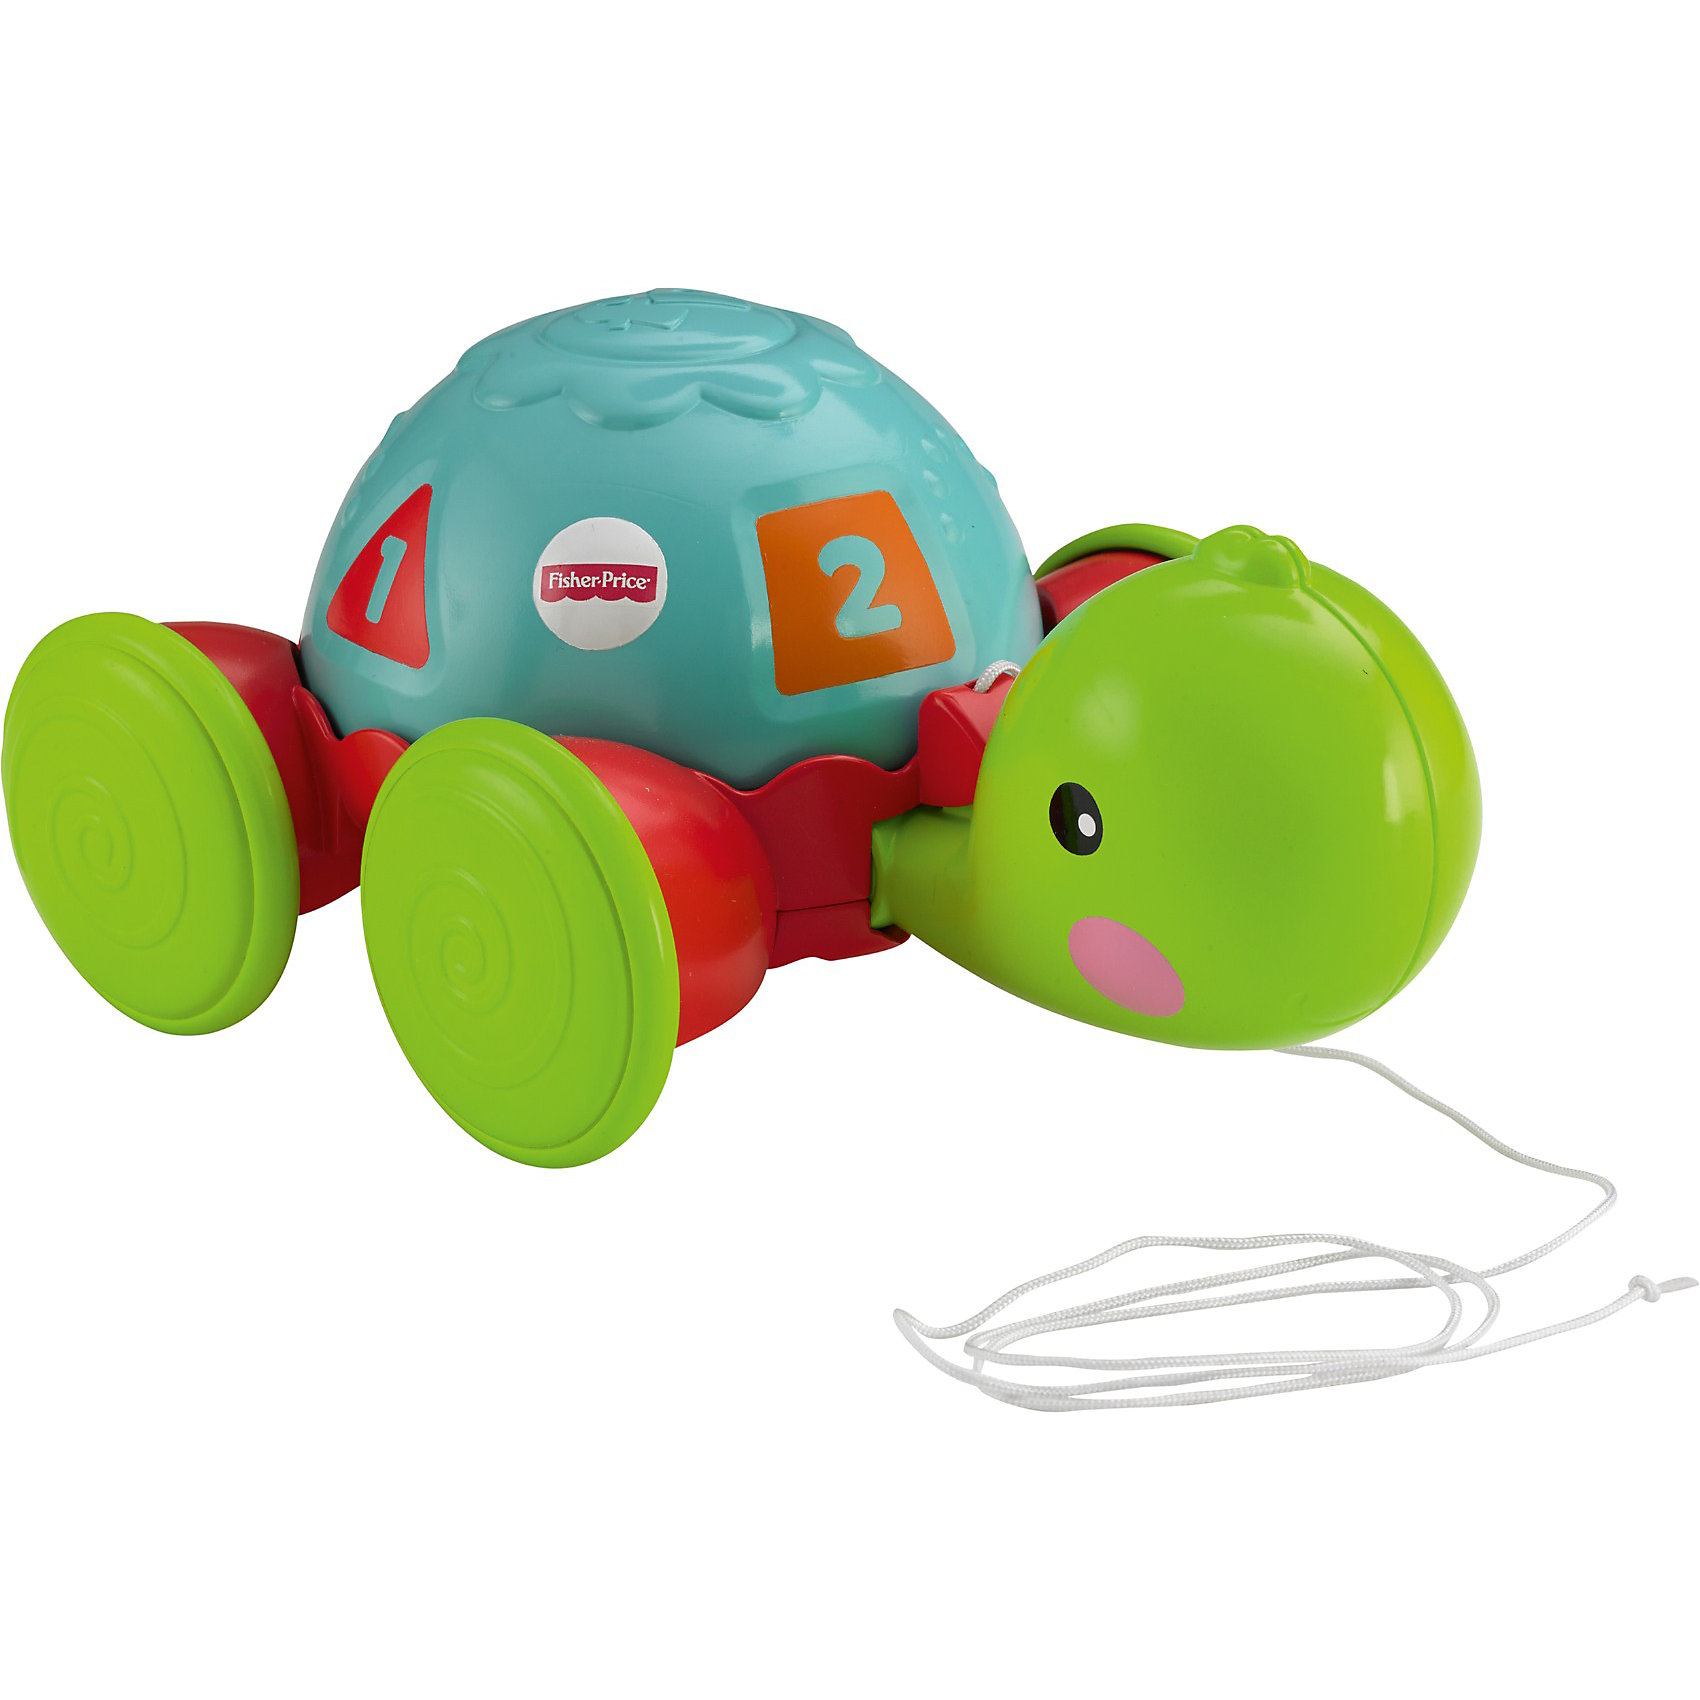 Каталка Обучающая черепашка на колесиках, Fisher-PriceИгрушки-каталки<br>Каталка Обучающая черепашка на колесиках, Fisher-Price - красочная развивающая игрушка, которая обязательно привлечет внимание Вашего малыша. Игрушка из прочного пластика ярких цветов выполнена в виде симпатичной черепашки на колесиках. У забавной черепашки имеется свободно вращающийся панцирь, оформленный четырьмя геометрическими фигурами разных цветов, в центре которых находится цифры от 1 до 4. Выпуклые детали корпуса помогут малышу научиться различать разные цвета, формы и цифры.<br><br>Также он может катать черепашку по полу, потянув ее за текстильный шнурок, во время движения черепашка забавно кивает головой. Игрушка замечательно подойдет для игры как дома, так и на улице. Каталка-черепашка развивает пространственное мышление, цветовое восприятие, тактильные ощущения, ловкость и координацию движений. <br><br>Дополнительная информация:<br><br>- Материал: пластик, текстиль.<br>- Размер игрушки: 21 х 15 х 10 см.<br>- Размер упаковки: 25,5 х 12,5 х 20,5 см.<br>- Вес: 0,64 кг.<br><br>Каталку Обучающая черепашка на колесиках, Fisher-Price (Фишер-Прайс) можно купить в нашем интернет-магазине.<br><br>Ширина мм: 210<br>Глубина мм: 255<br>Высота мм: 260<br>Вес г: 523<br>Возраст от месяцев: 12<br>Возраст до месяцев: 36<br>Пол: Унисекс<br>Возраст: Детский<br>SKU: 3847365